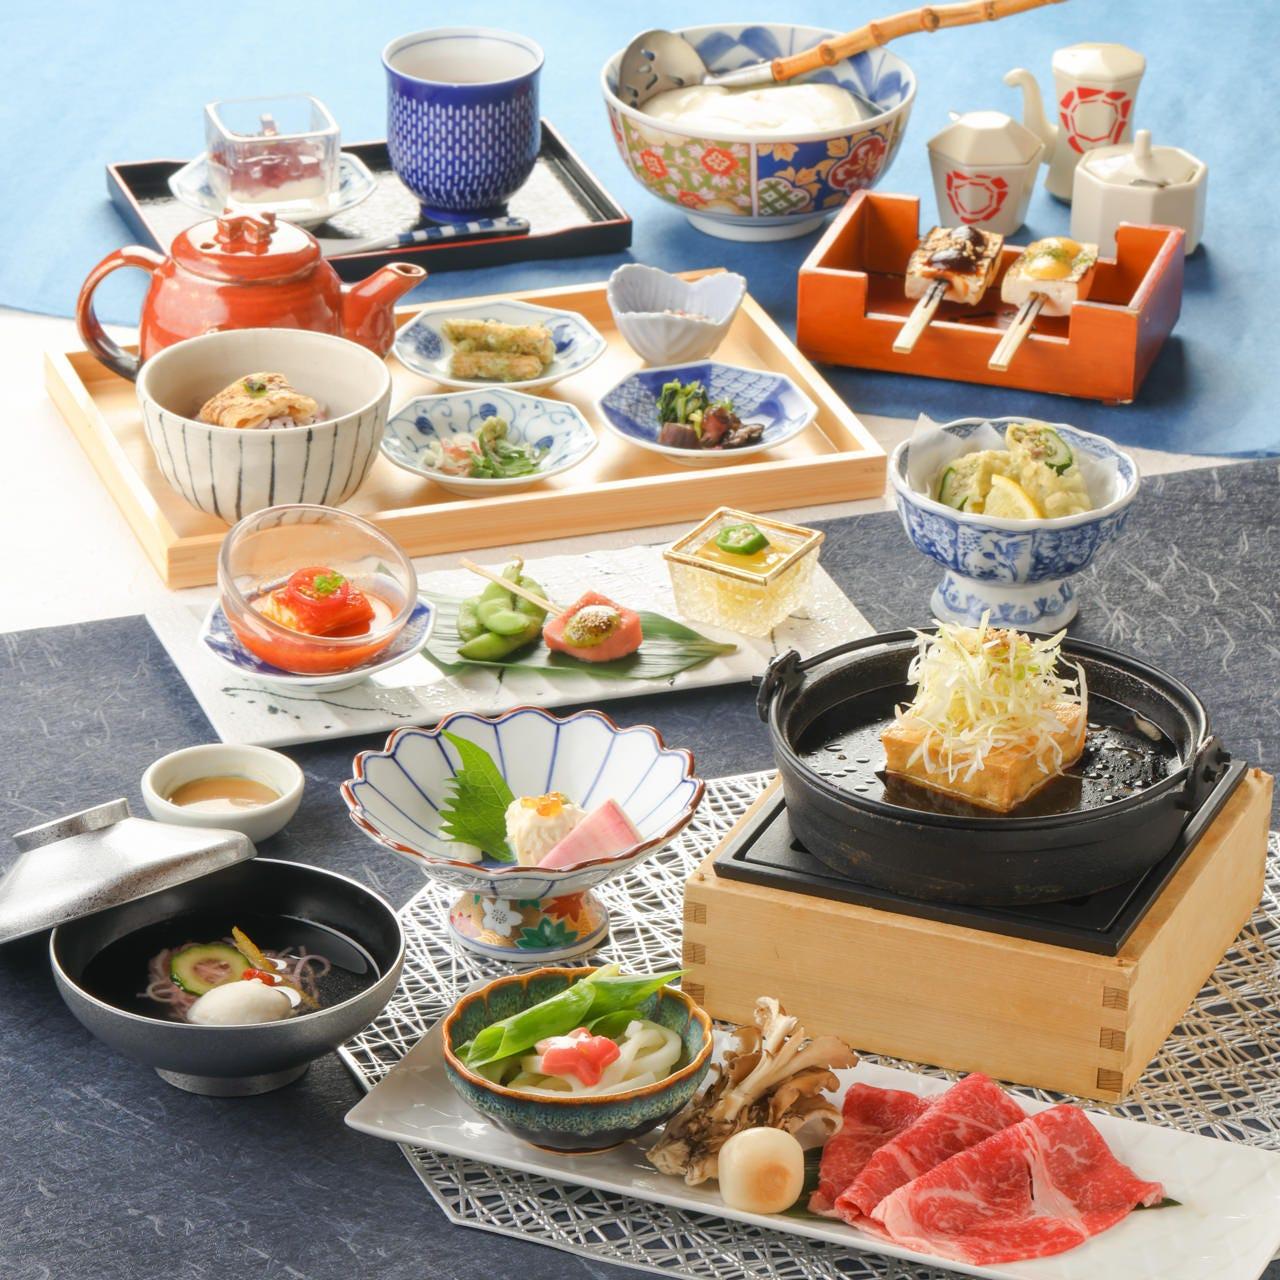 豆富料理と吟醸蒸し 八かく庵 大阪ステーションシティ店のイメージ写真